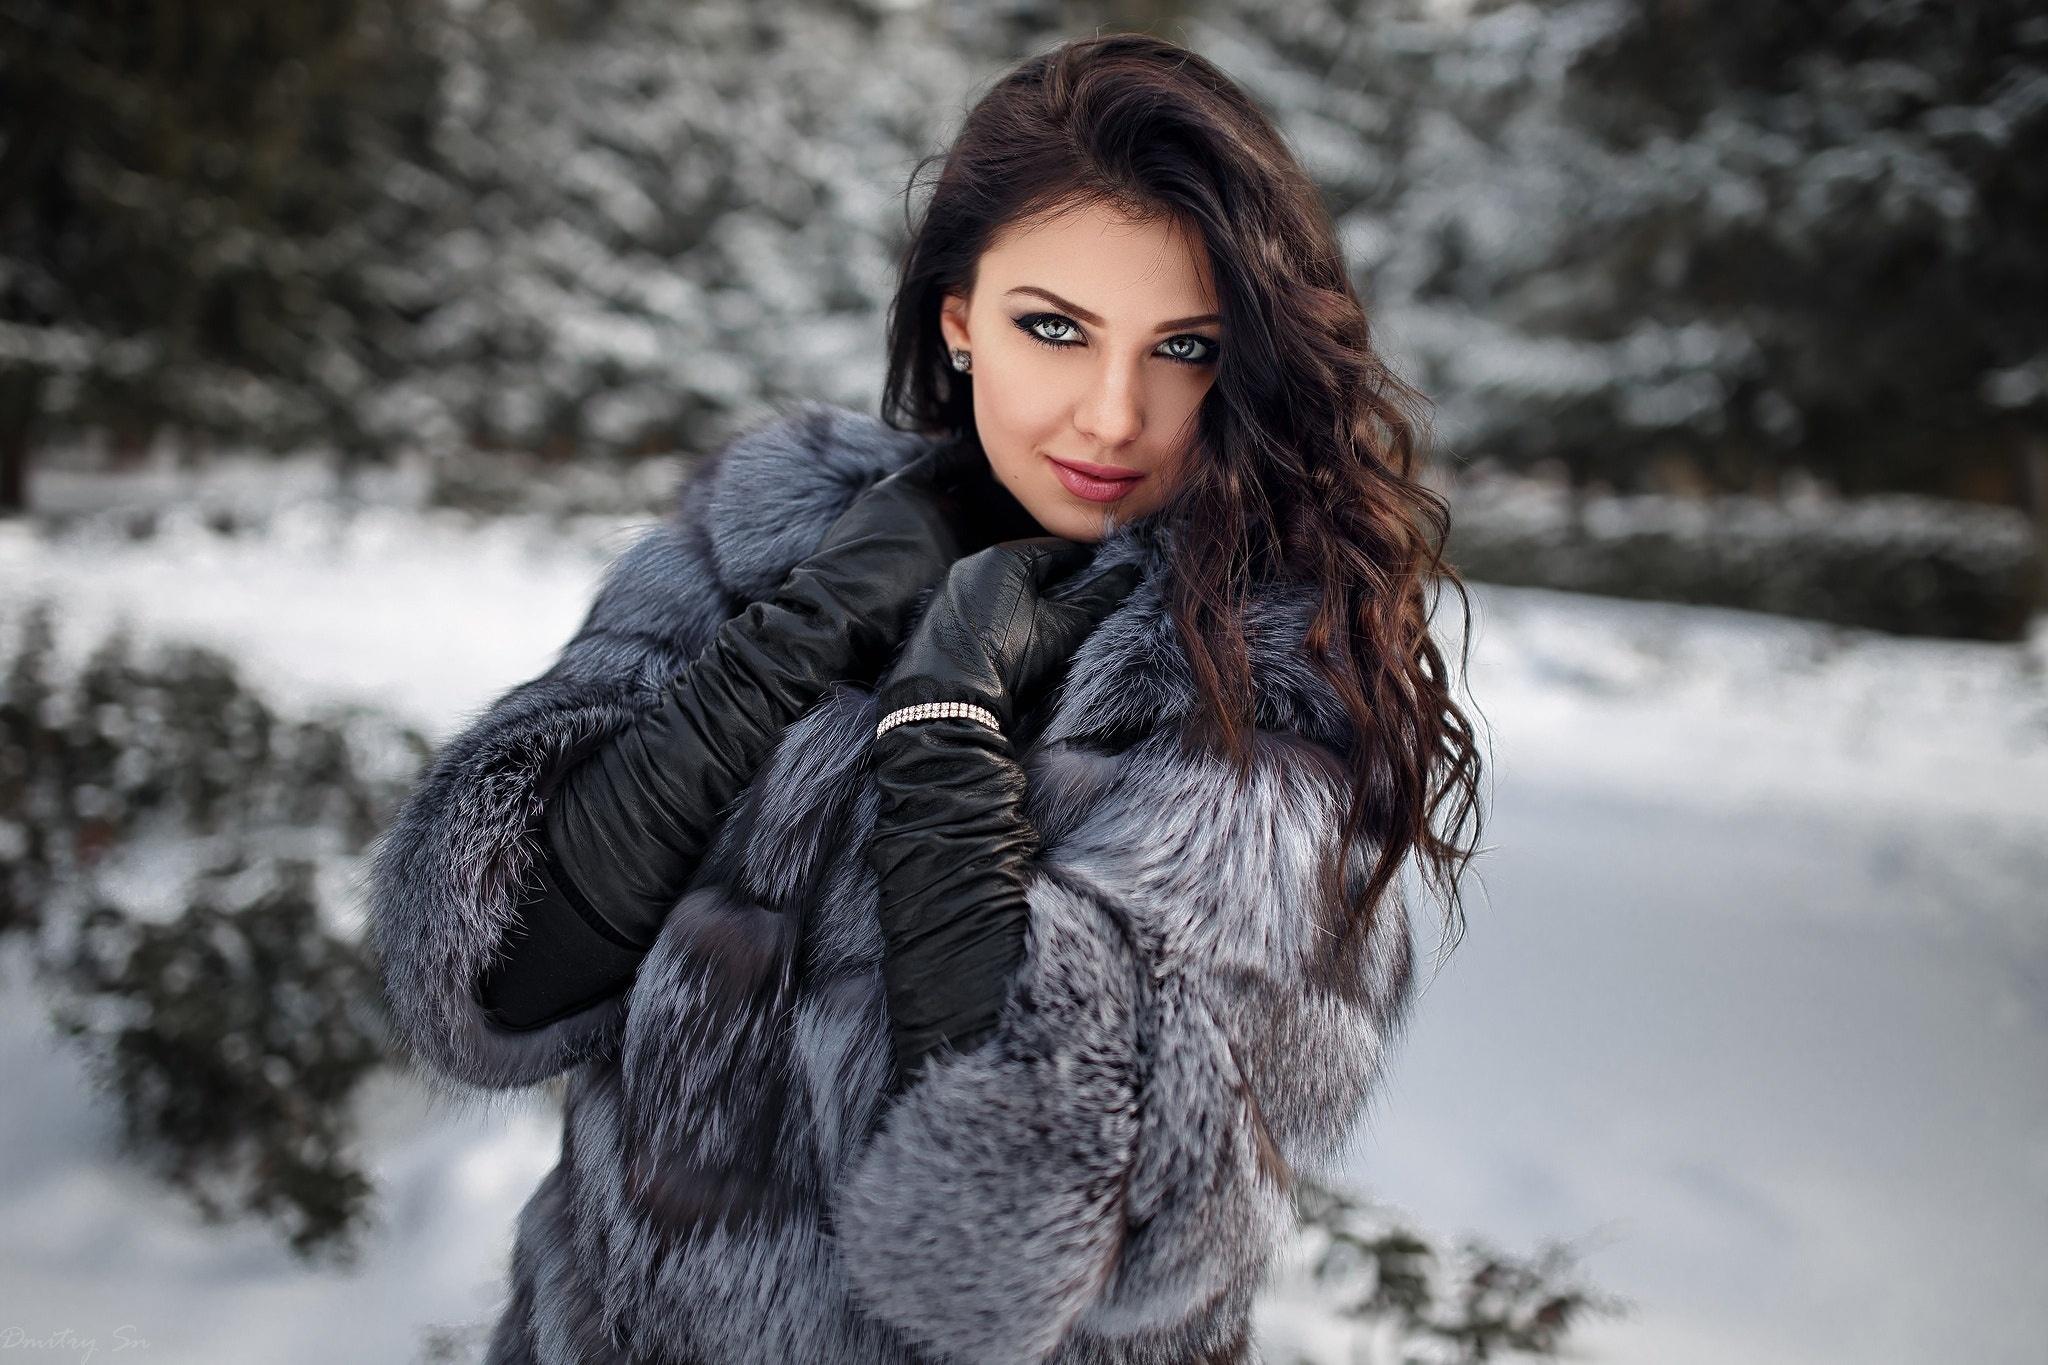 krasivie-devushki-foto-v-odezhde-na-snegu-foto-seksa-volosatih-bryunetok